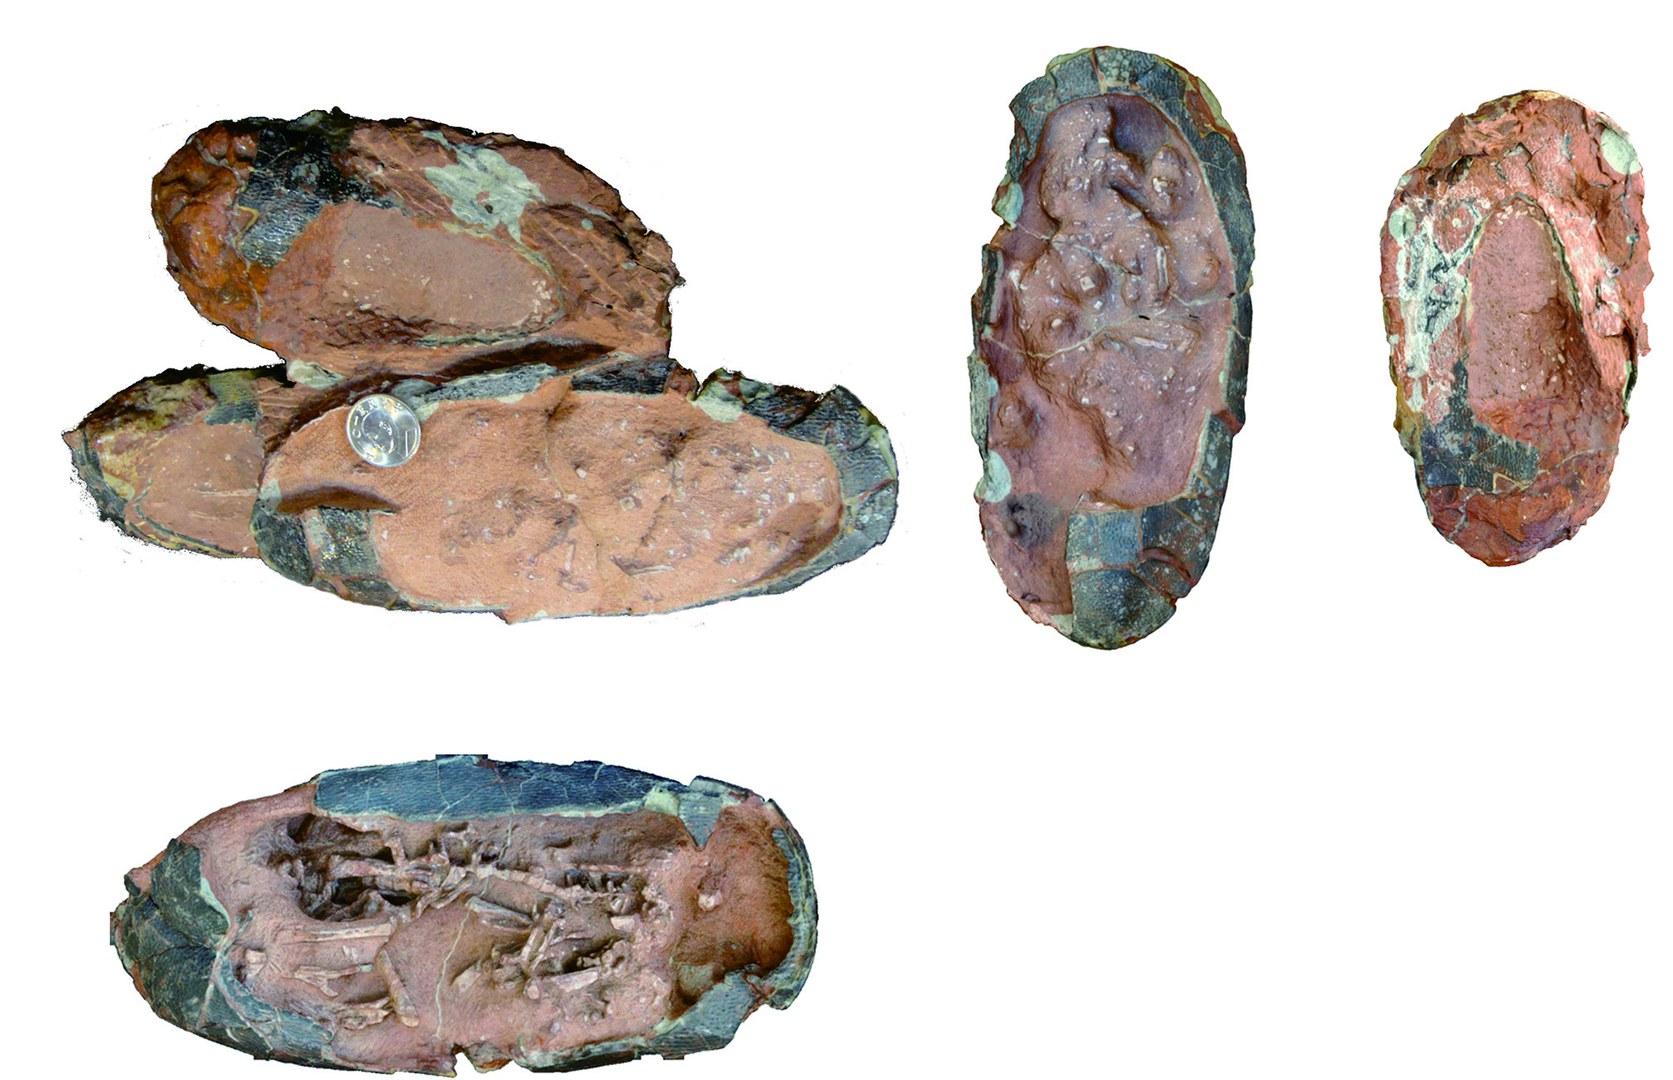 Fotos des Geleges mit drei Oviraptoren-Eiern